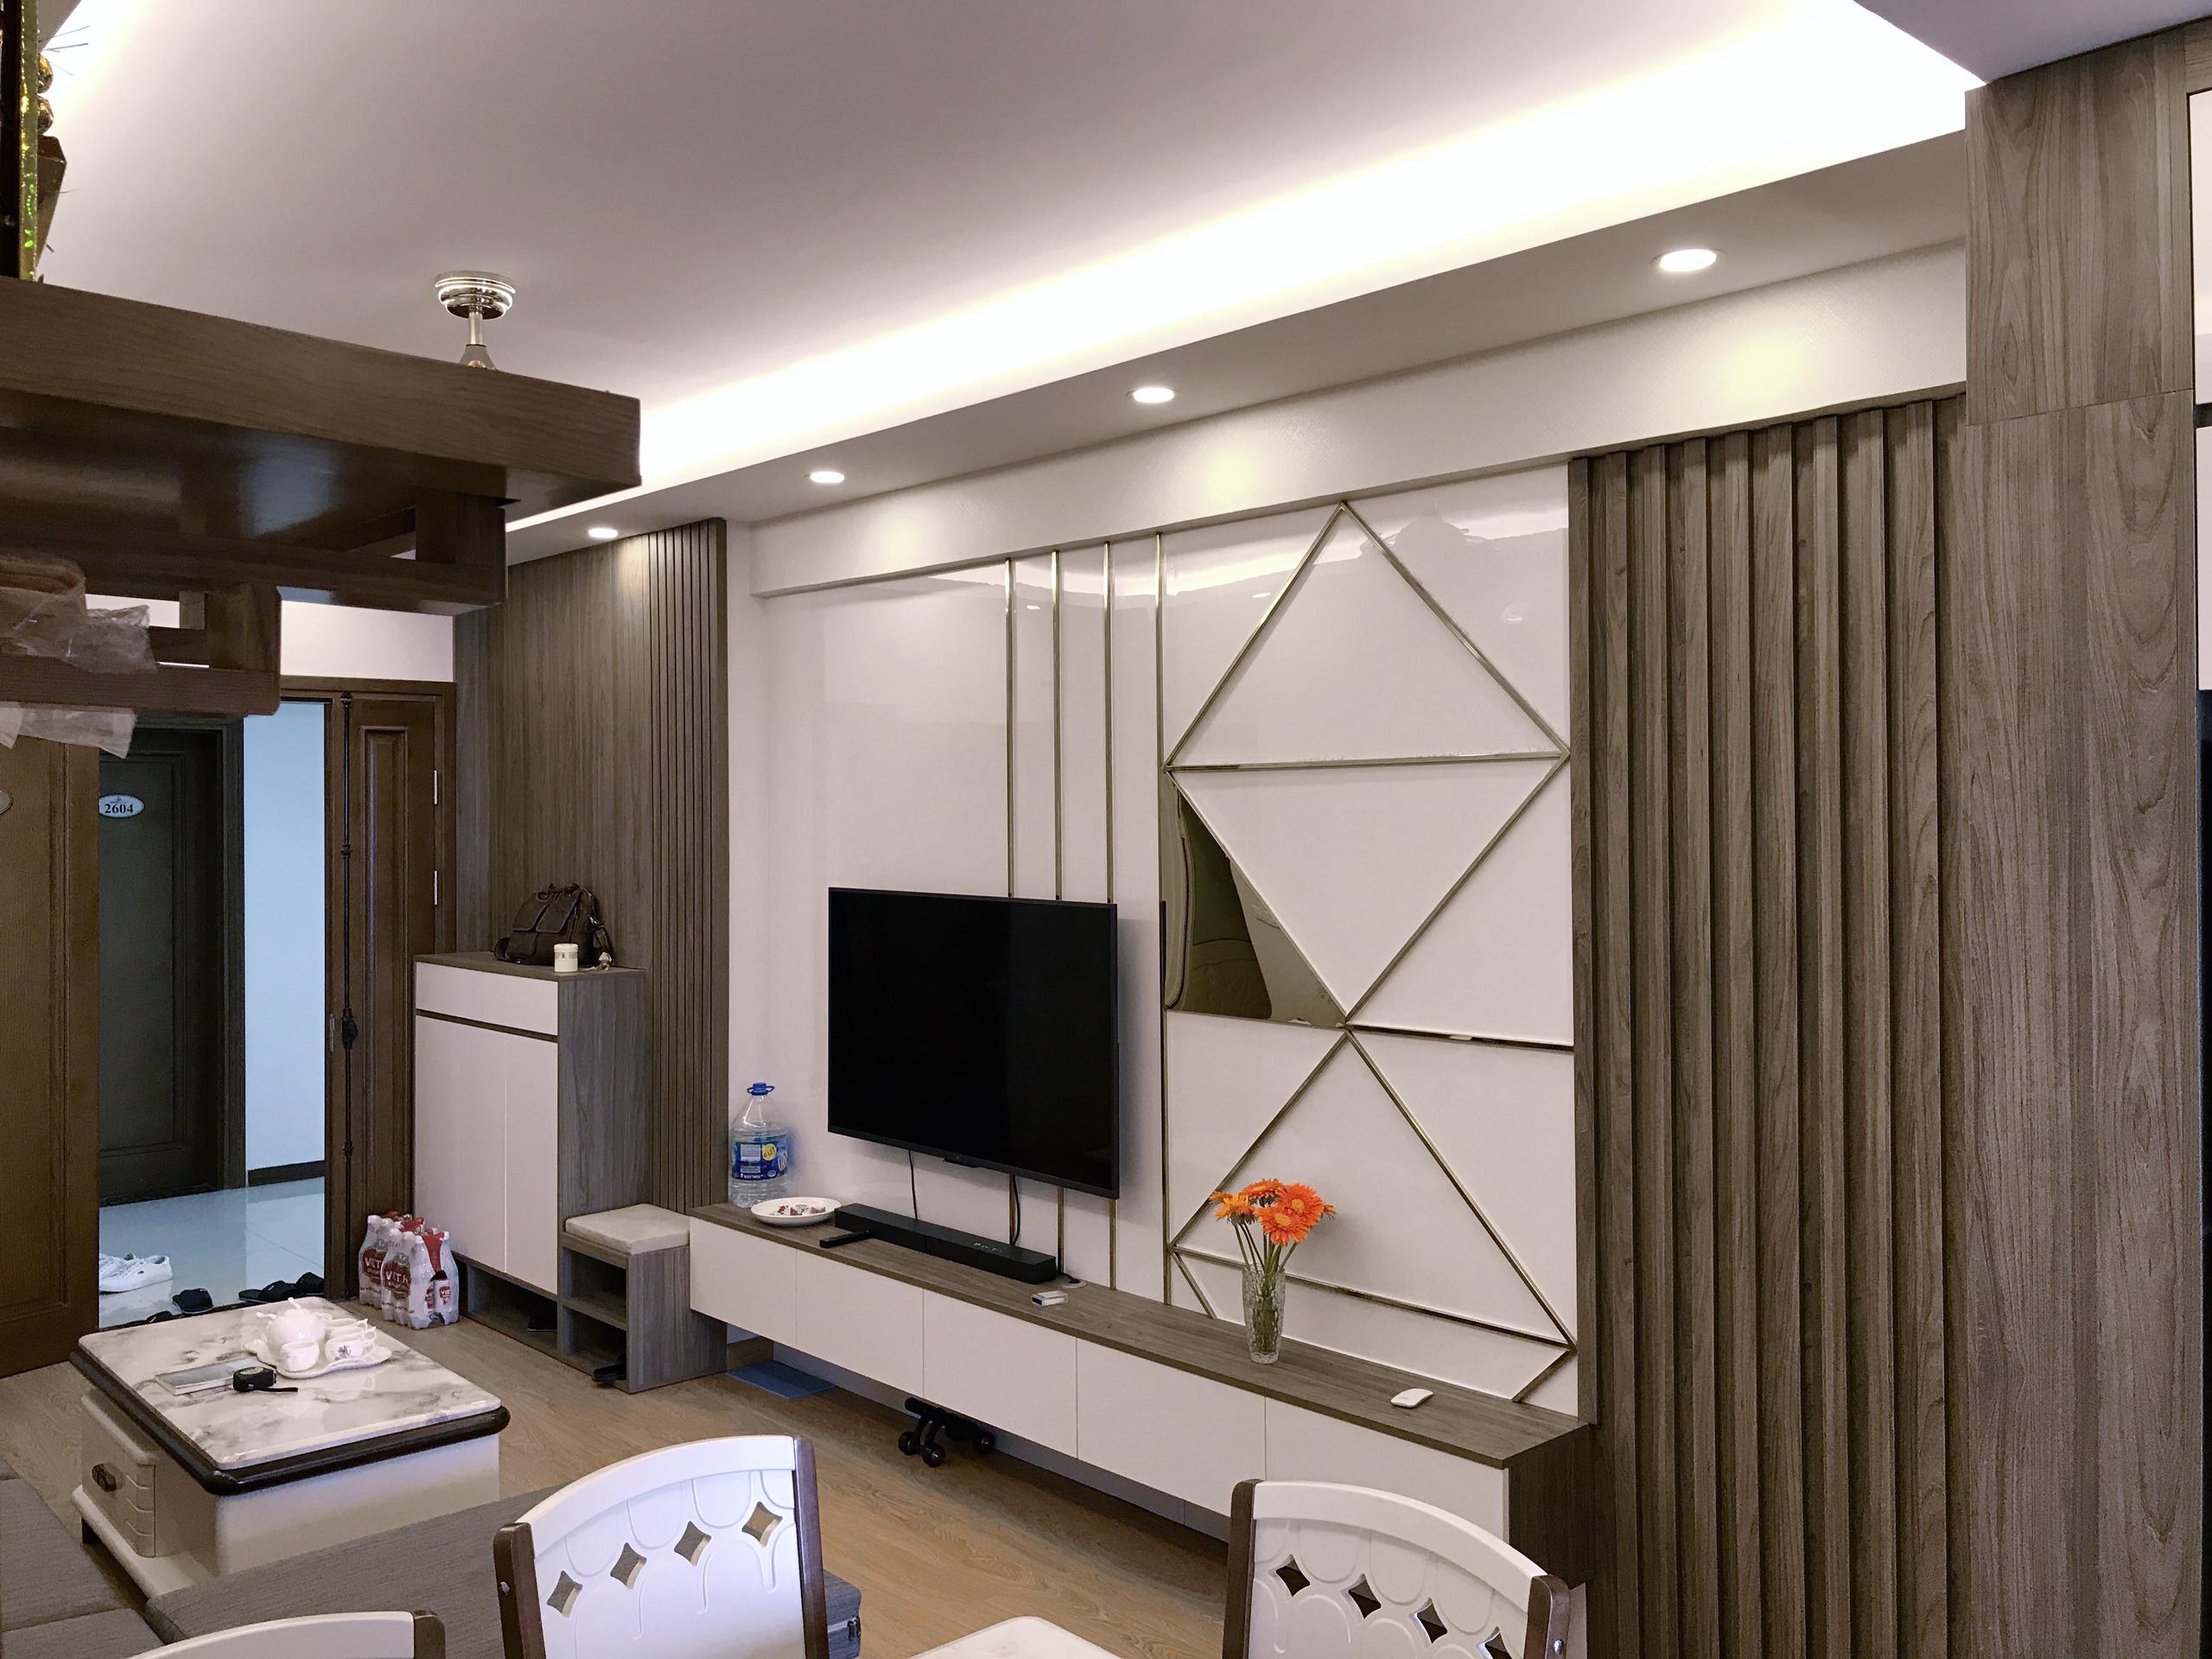 Thiết kế thi công nội thất khách sạn của Kiều Dương